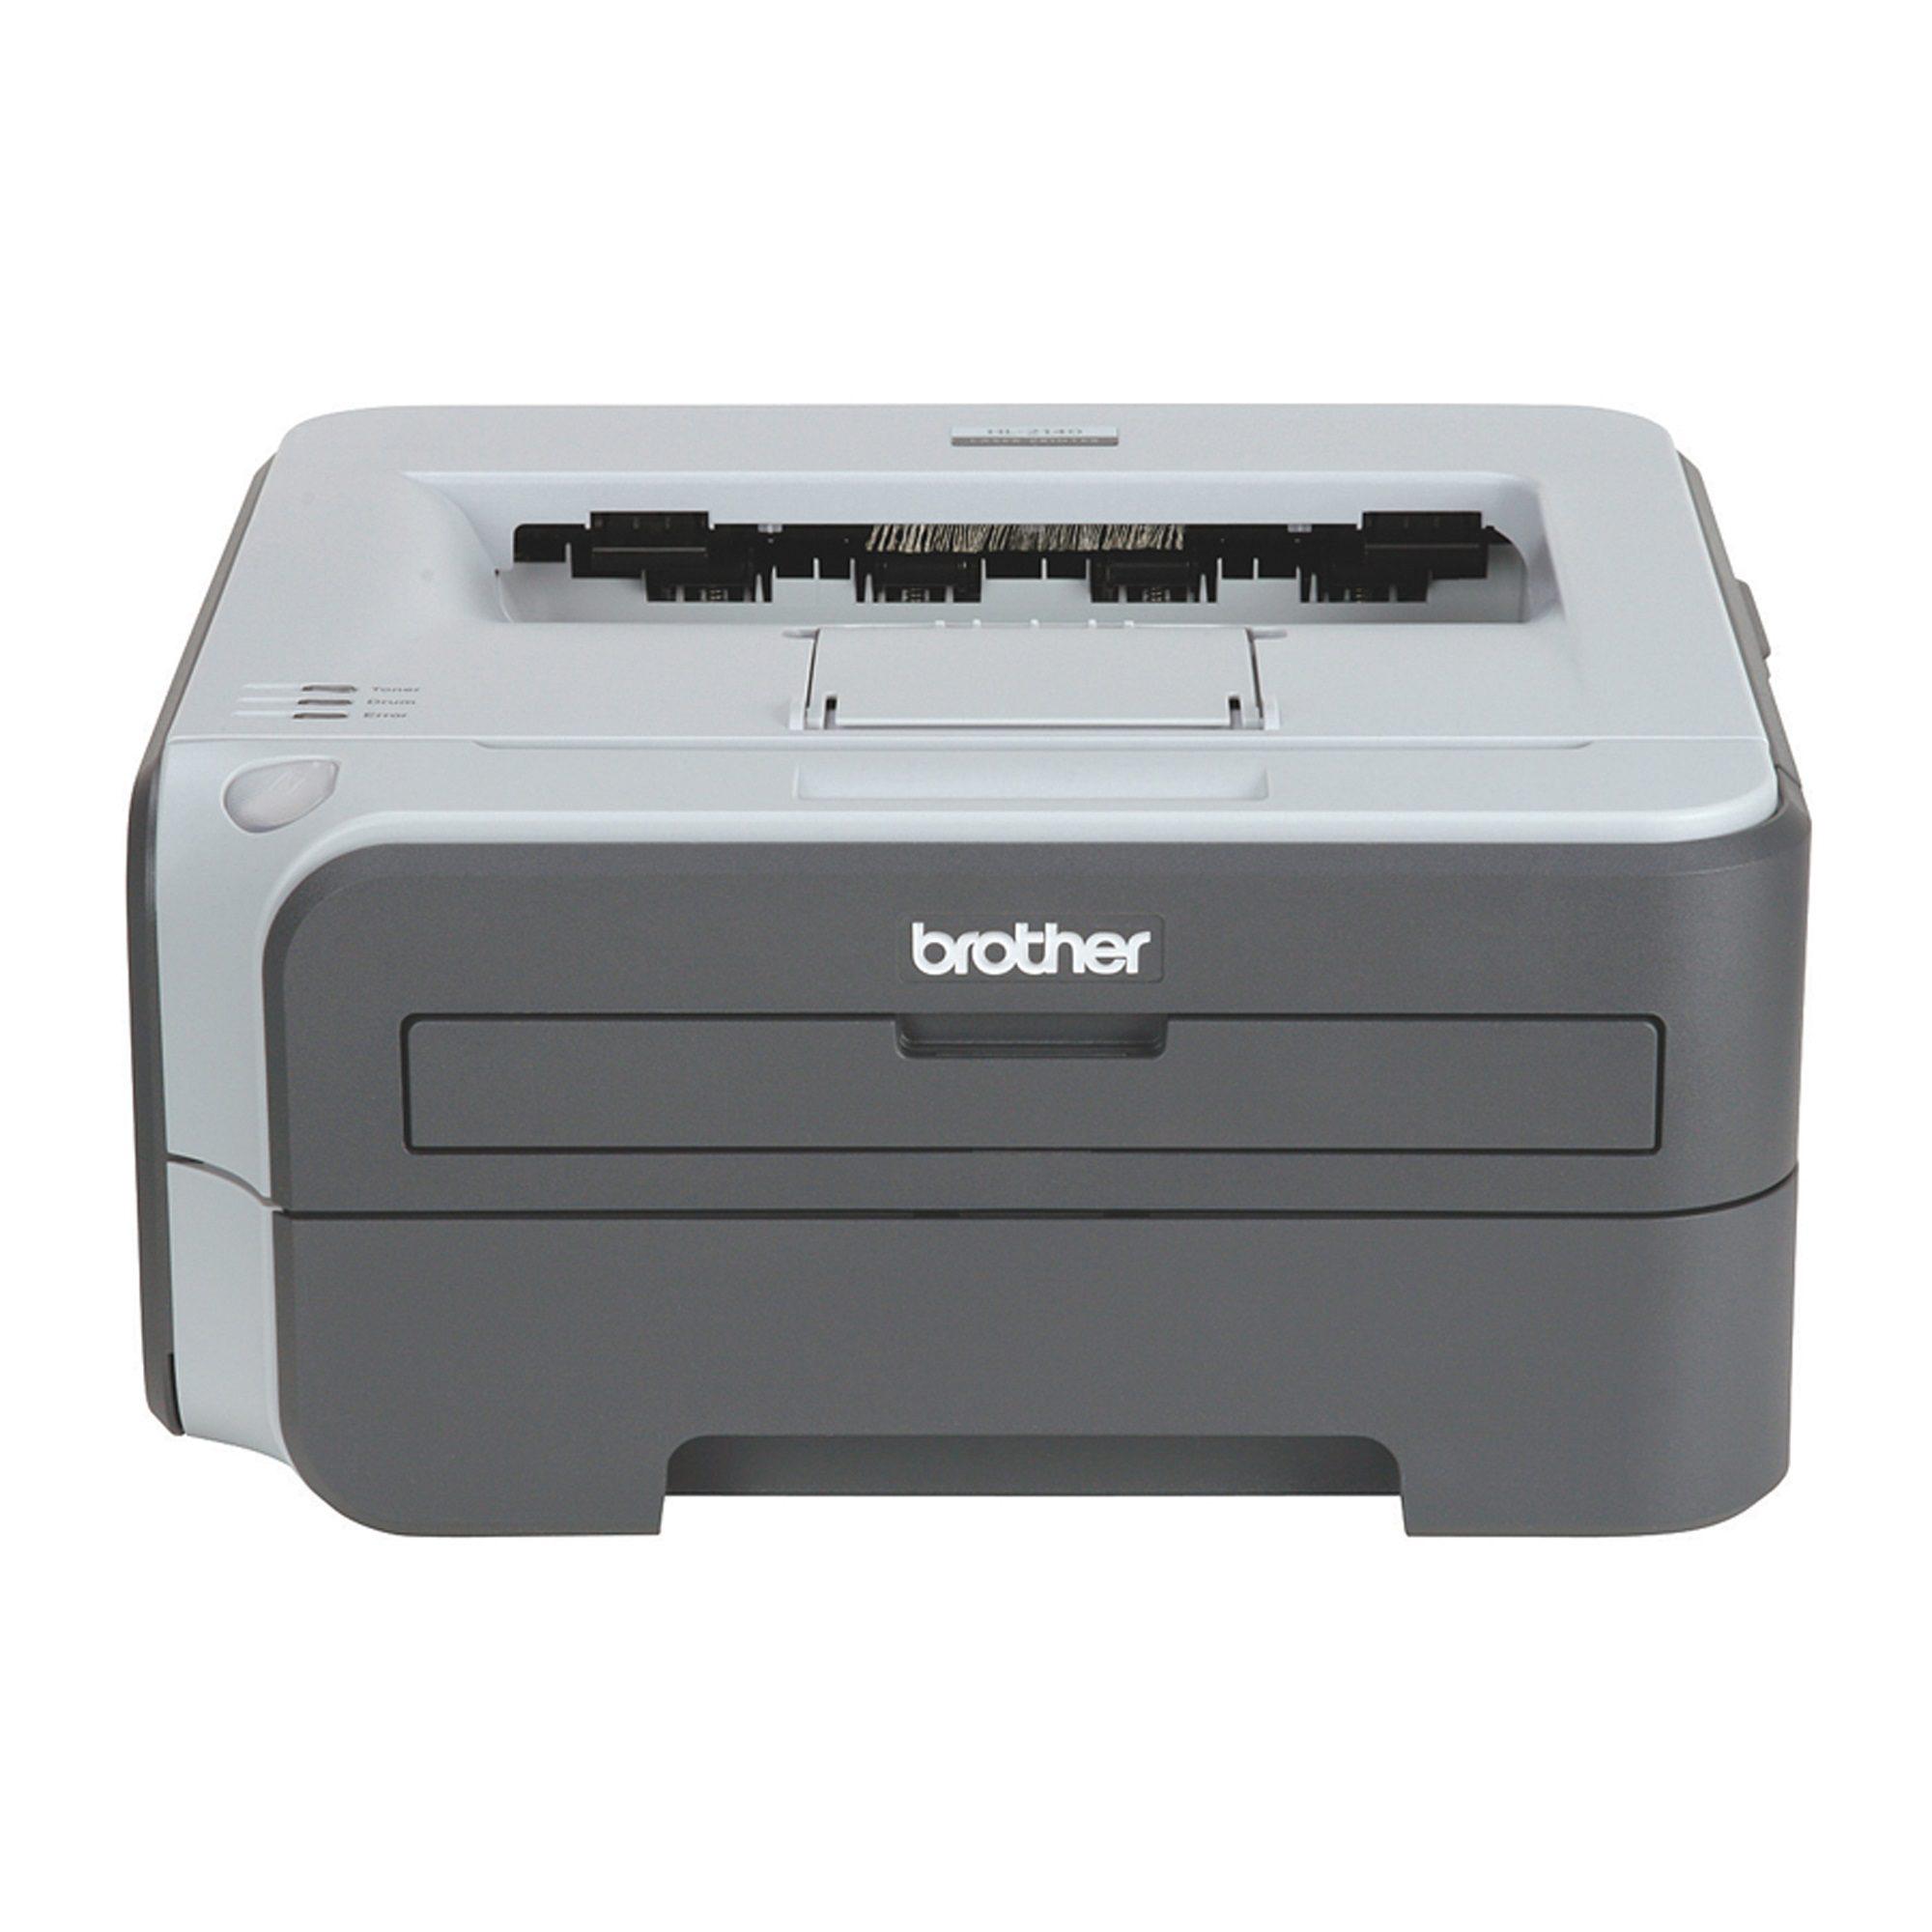 چاپگر Brother مدل HL-2140